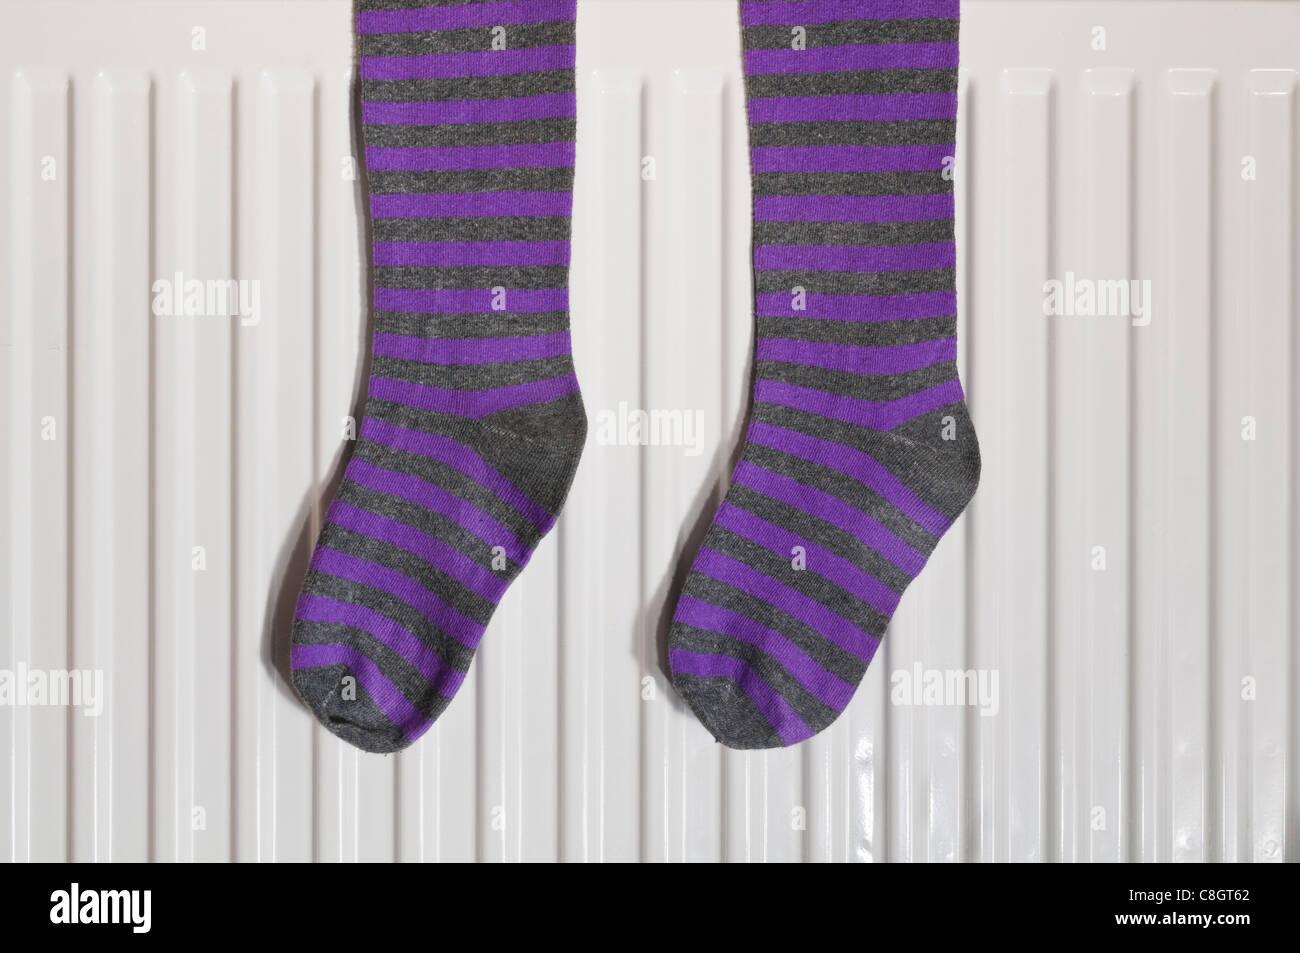 65fe8de2067 White Knee High Socks Stock Photos   White Knee High Socks Stock ...